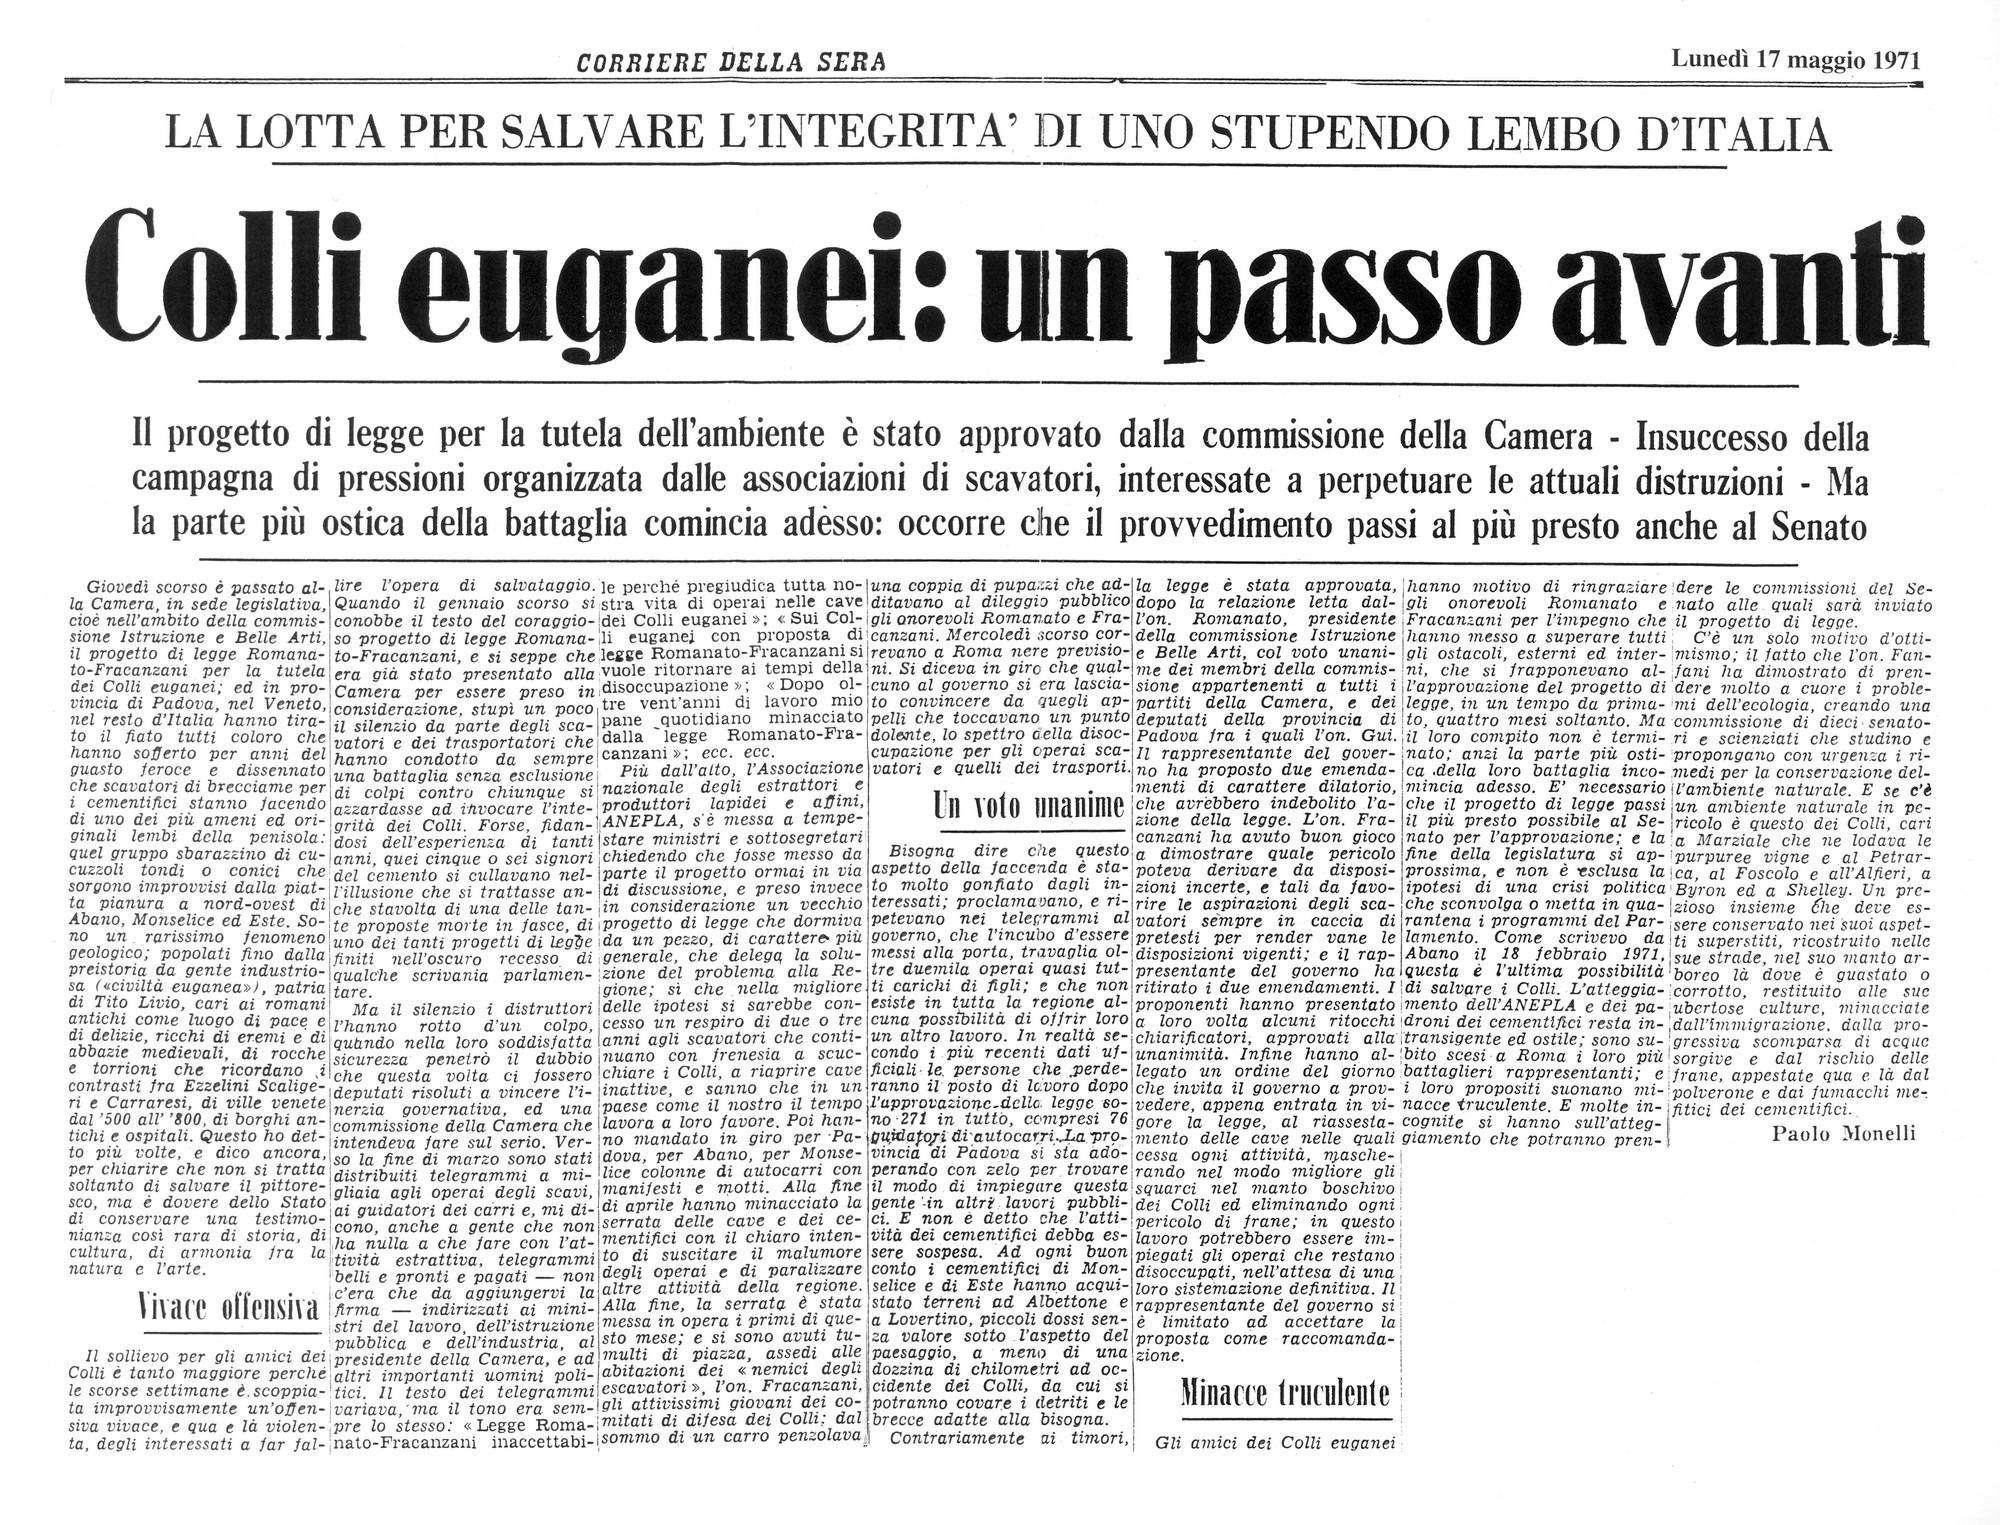 Colli Euganei: un passo in avanti. Articolo del 17 maggio 1971.